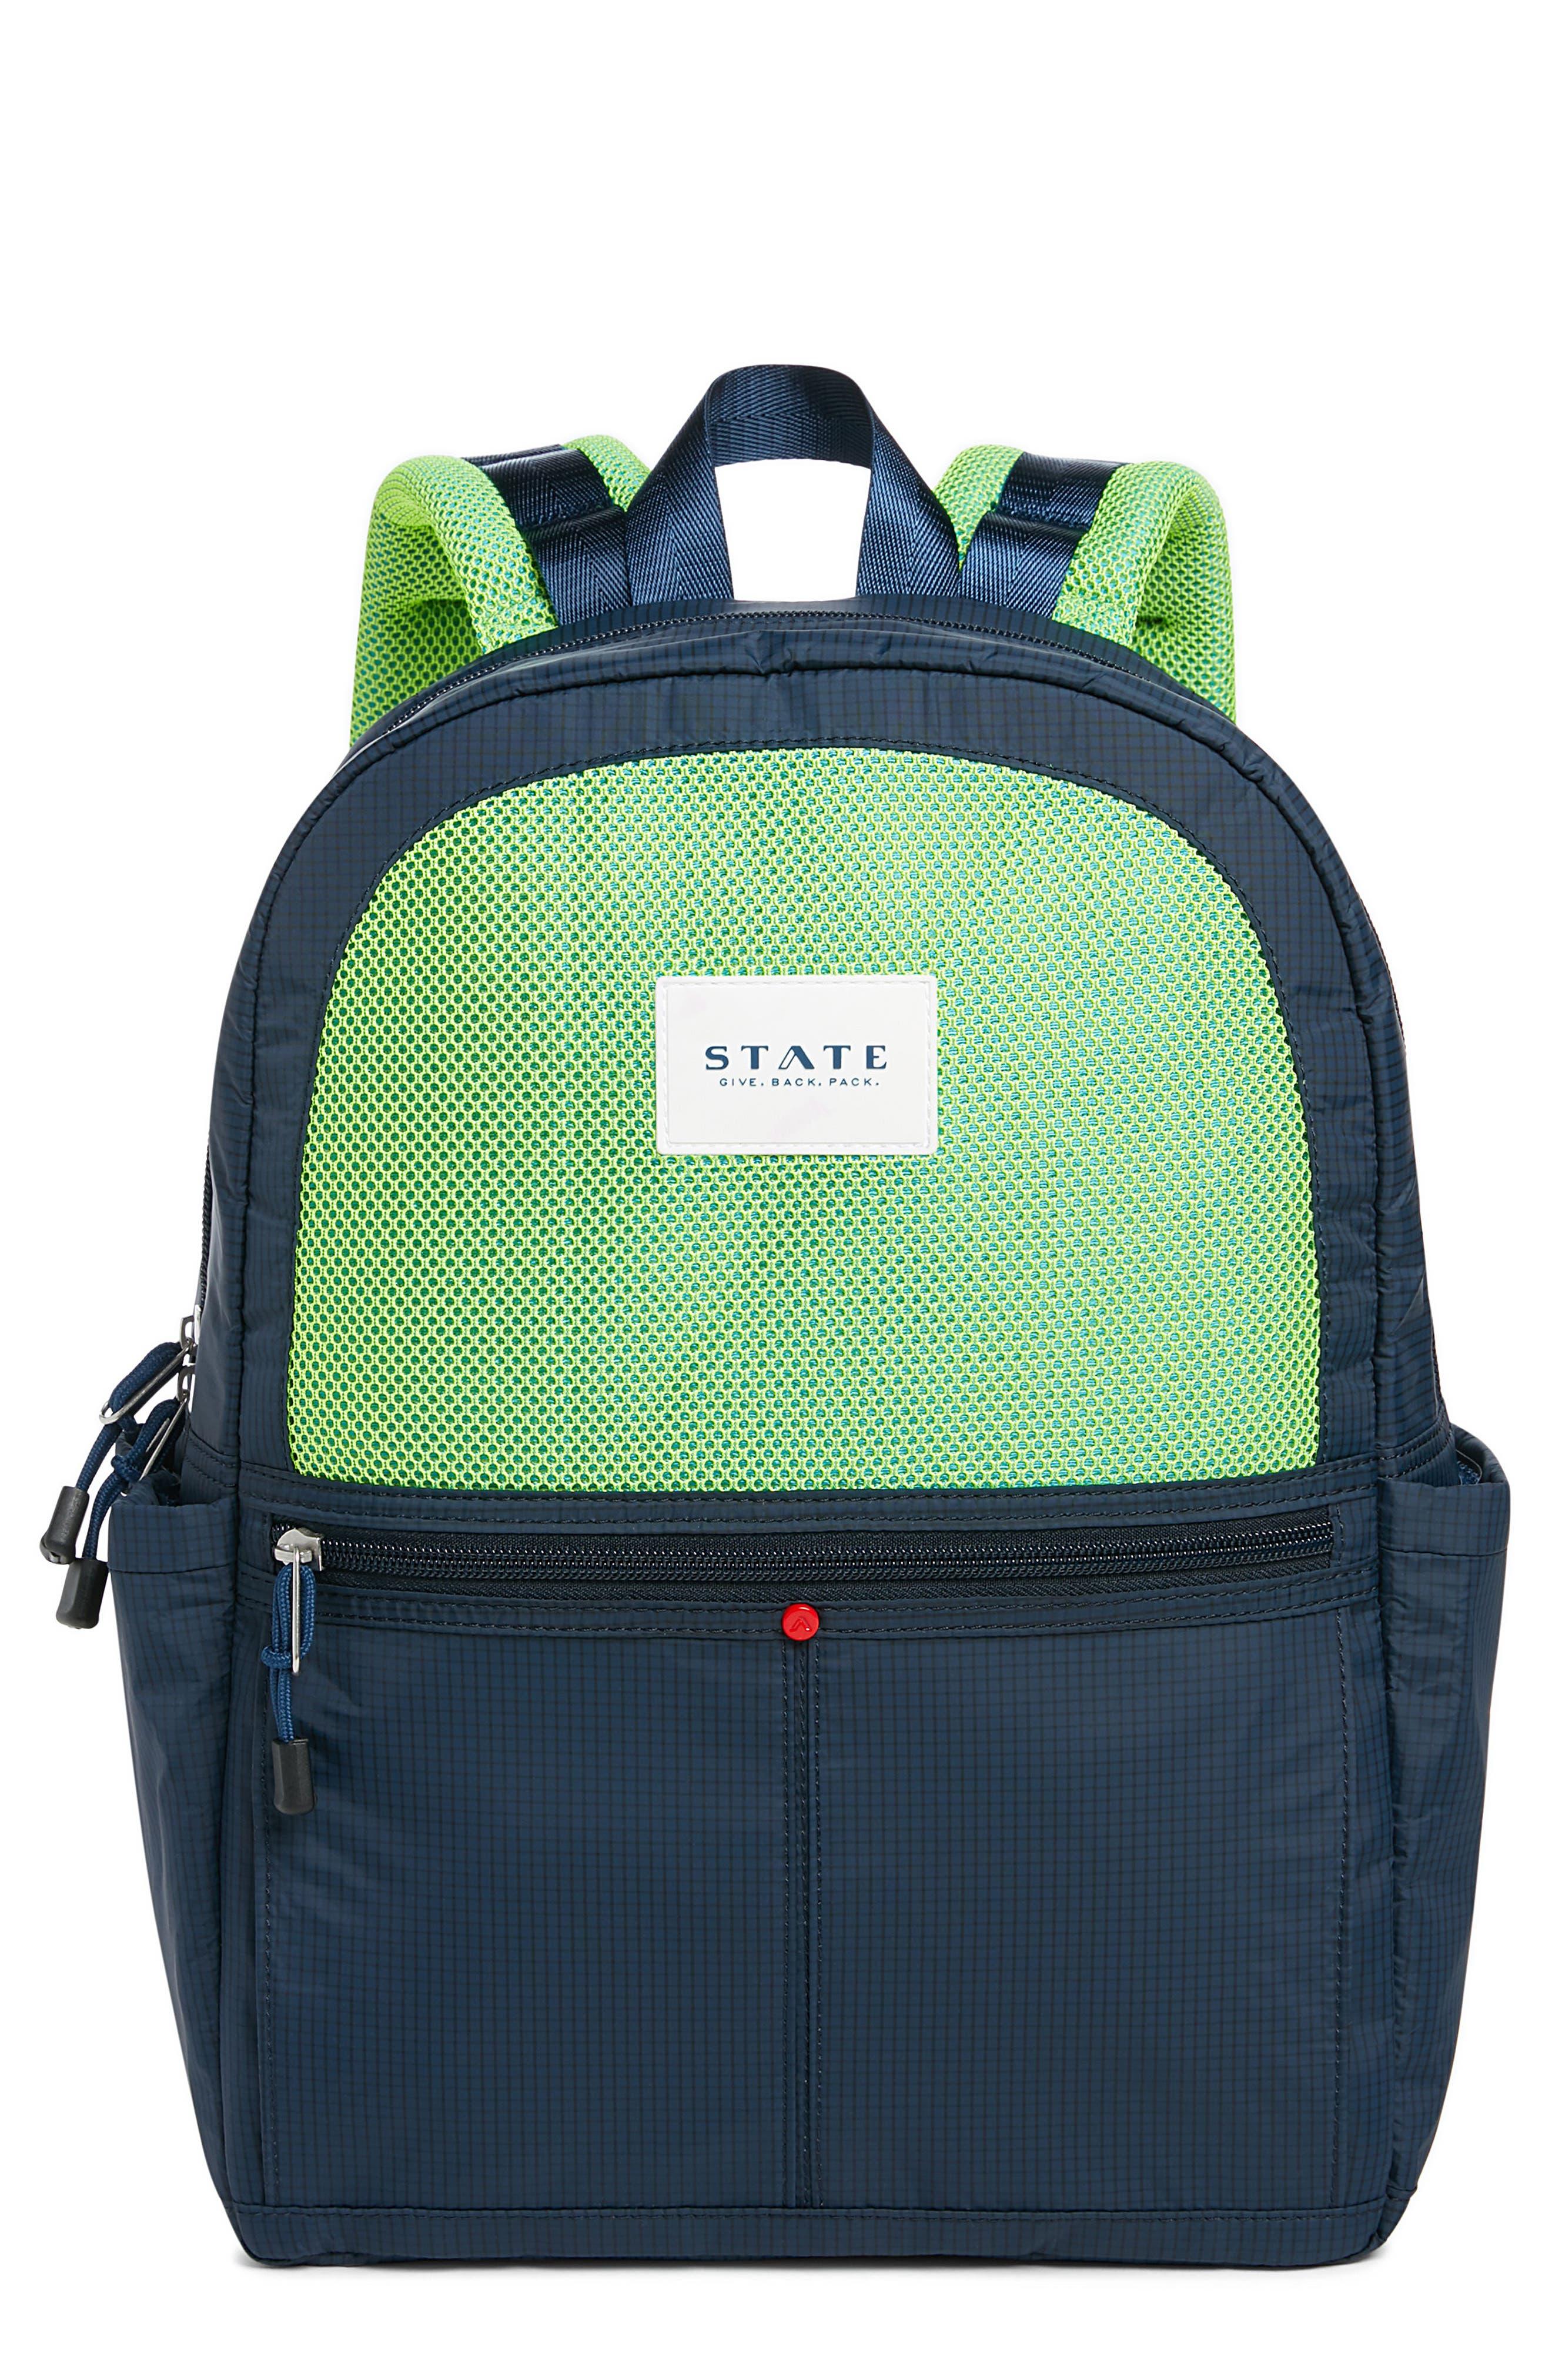 STATE Bags Georgetown Kane Backpack